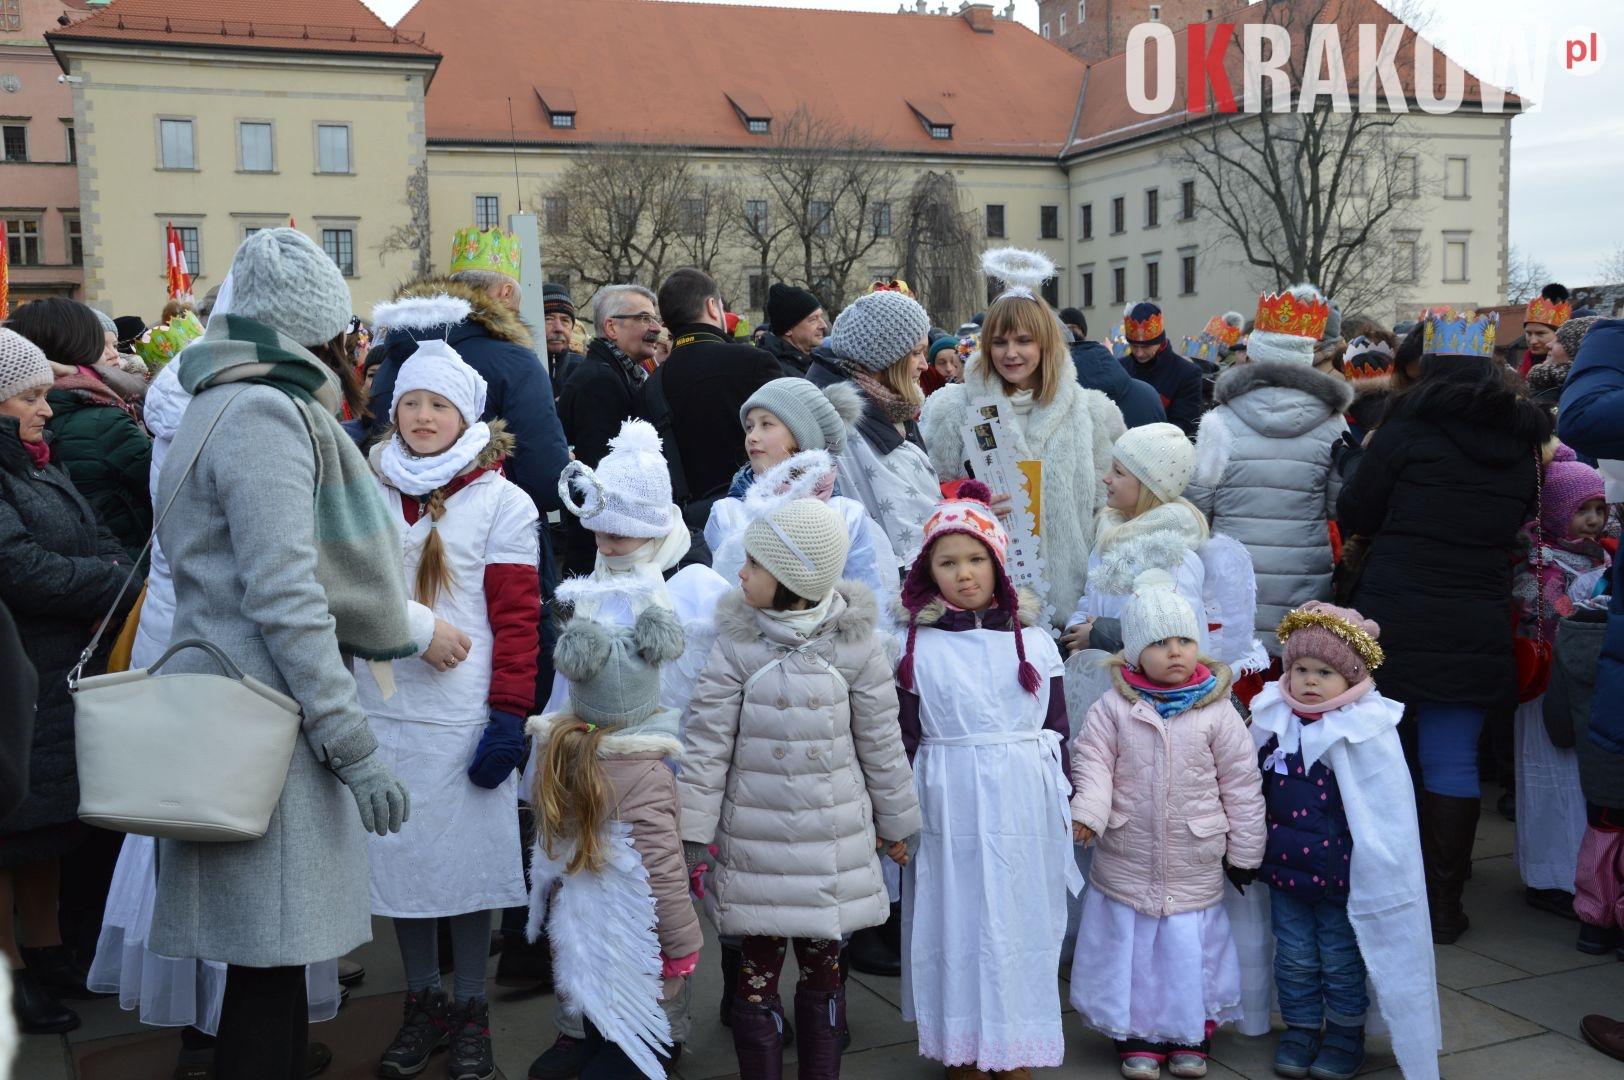 orszak 69 1 150x150 - Orszak Trzech Króli Kraków 2020 Galeria Zdjęć z Orszaku (czerwonego)